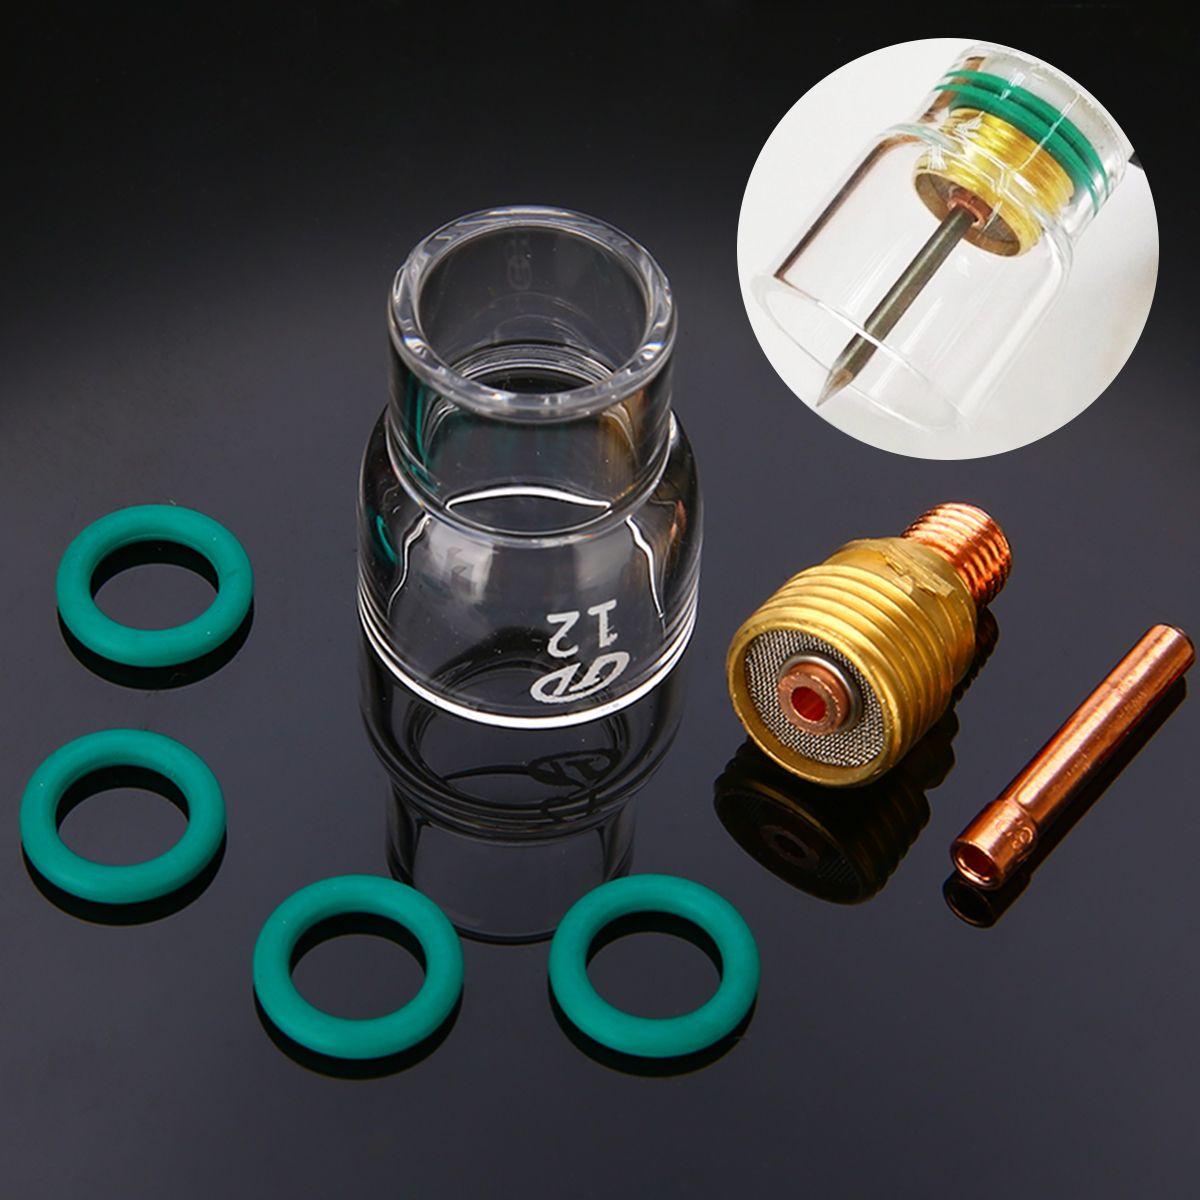 Kit de gobelets en verre Pyrex 7 pièces/ensemble #12 Collets trapus torche de soudage TIG pour accessoires de soudage Mayitr WP-9/20/25